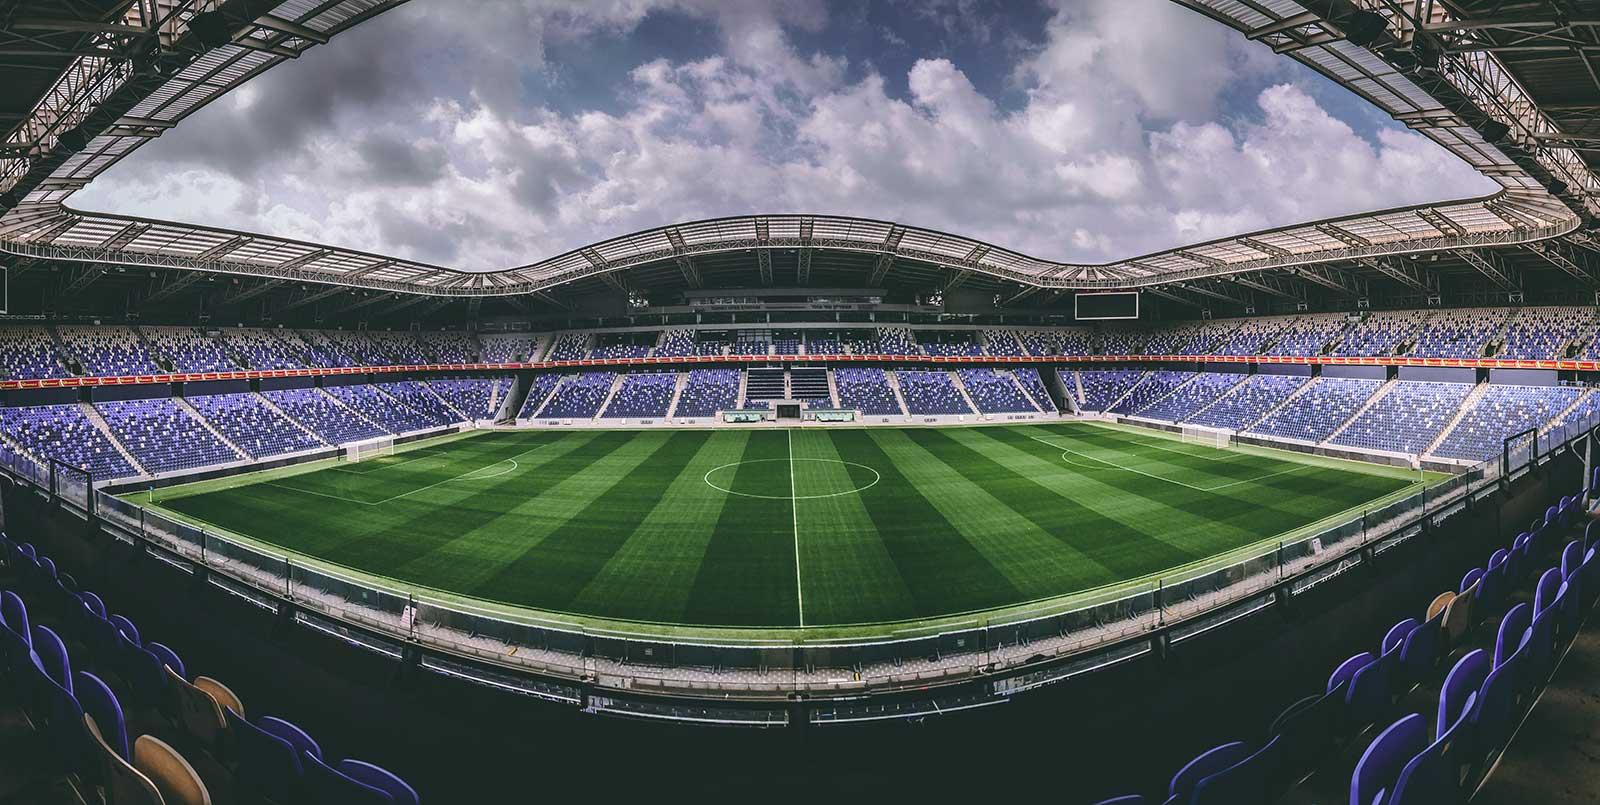 אצטדיון סמי עופר - תמונת רקע